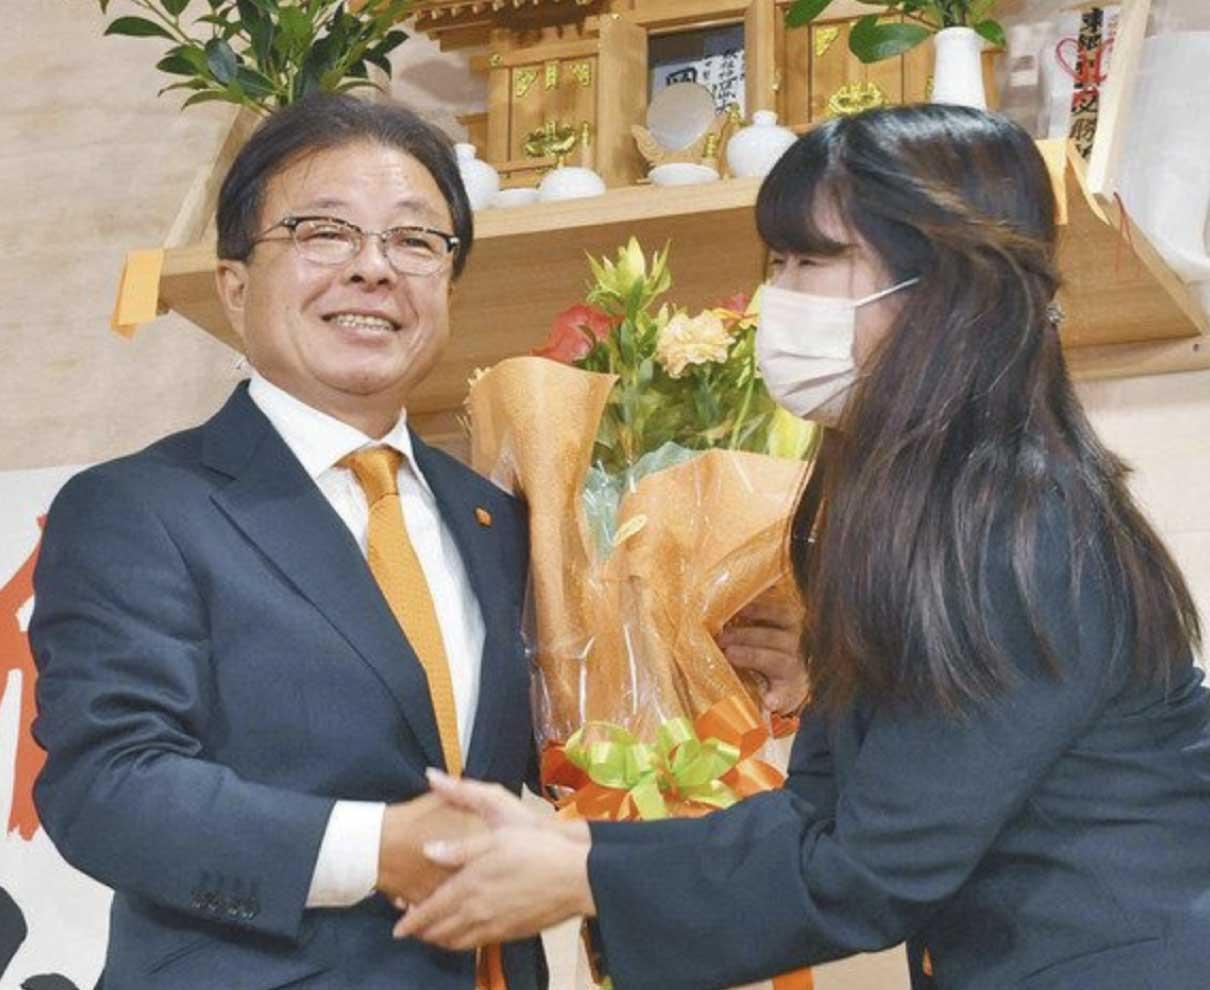 「夢と希望持てる市に」 越前市長選、新人山田さん当選